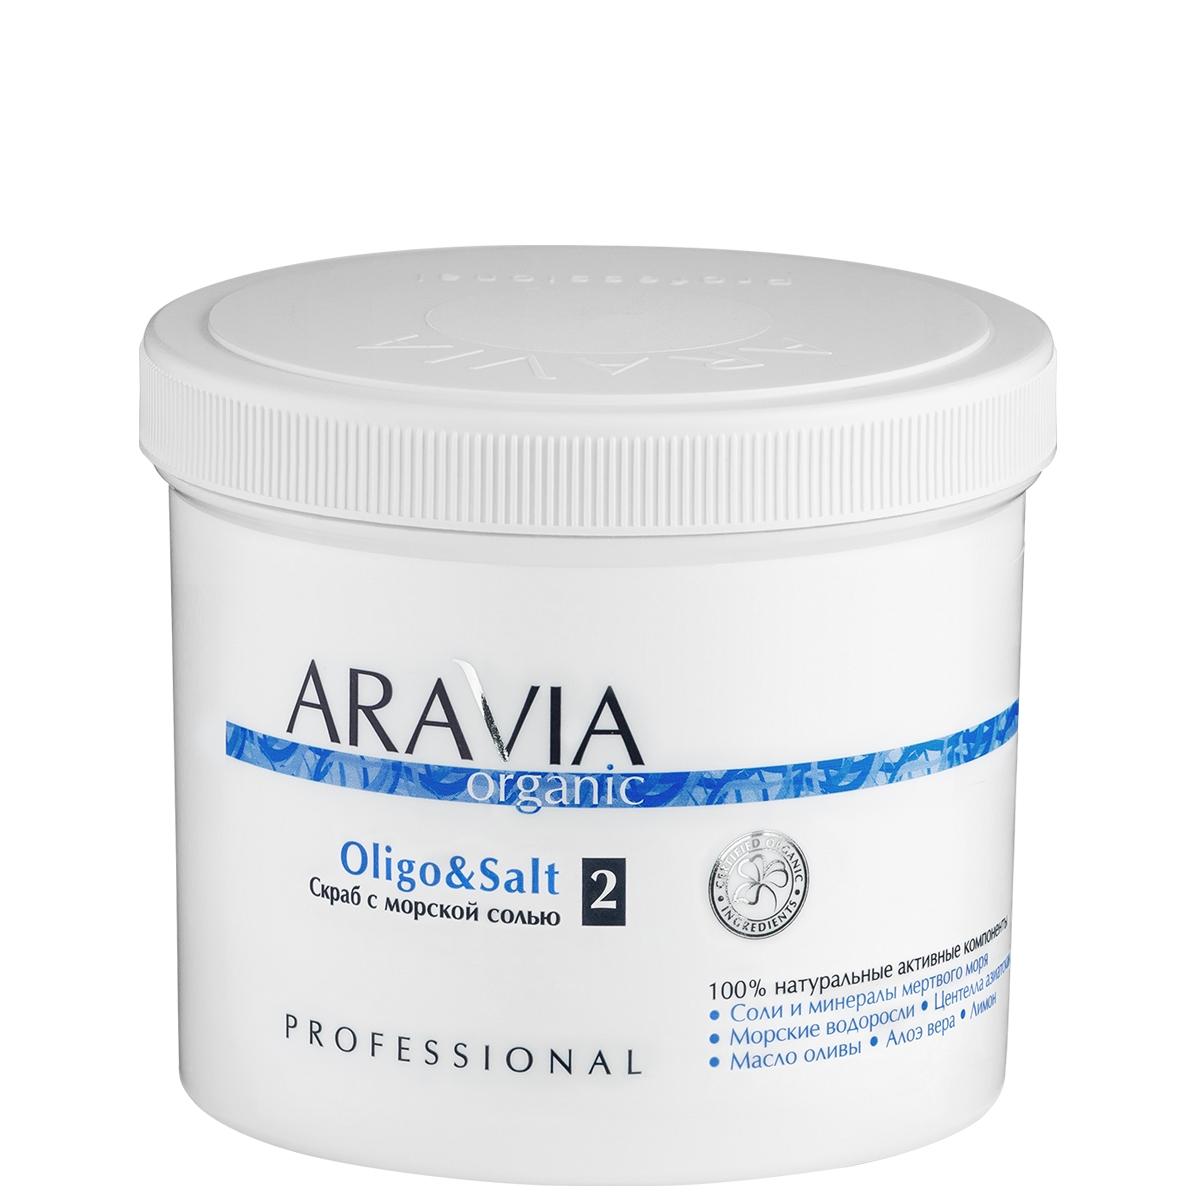 ARAVIA ARAVIA Organic Cкраб с Морской Солью «Oligo & Salt», 550 мл недорого